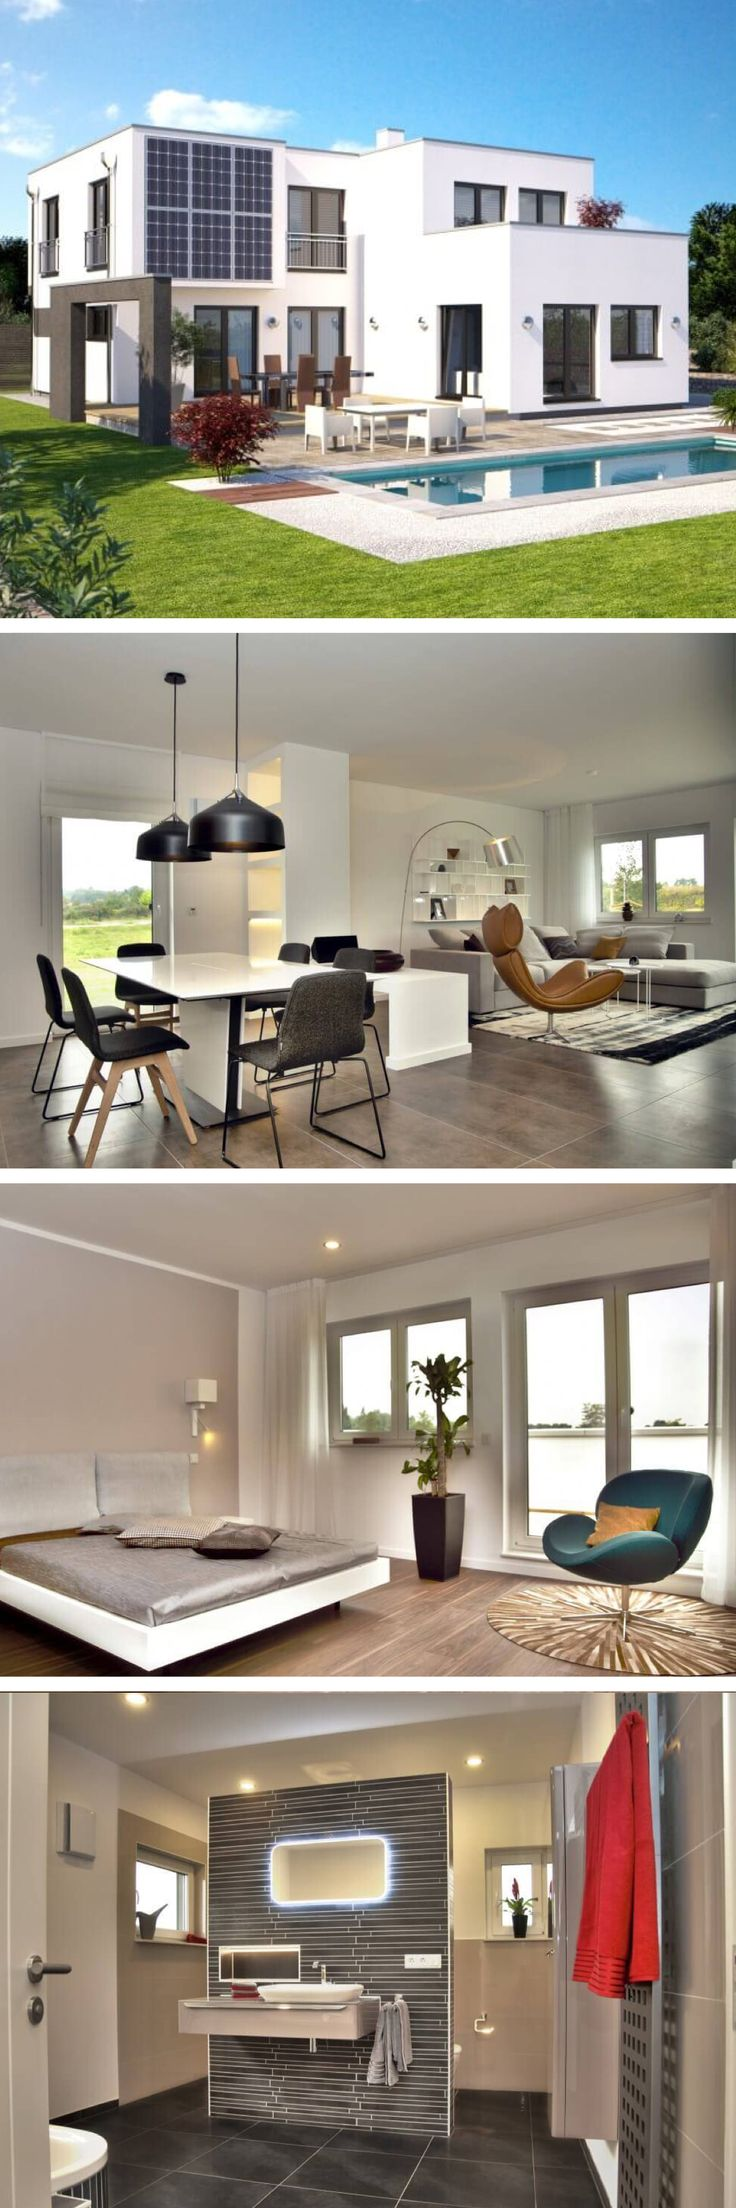 Modernes Design Haus Im Bauhausstil Mit Flachdach Architektur   Fertighaus  Innen Luxus Stadtvilla Hommage 198